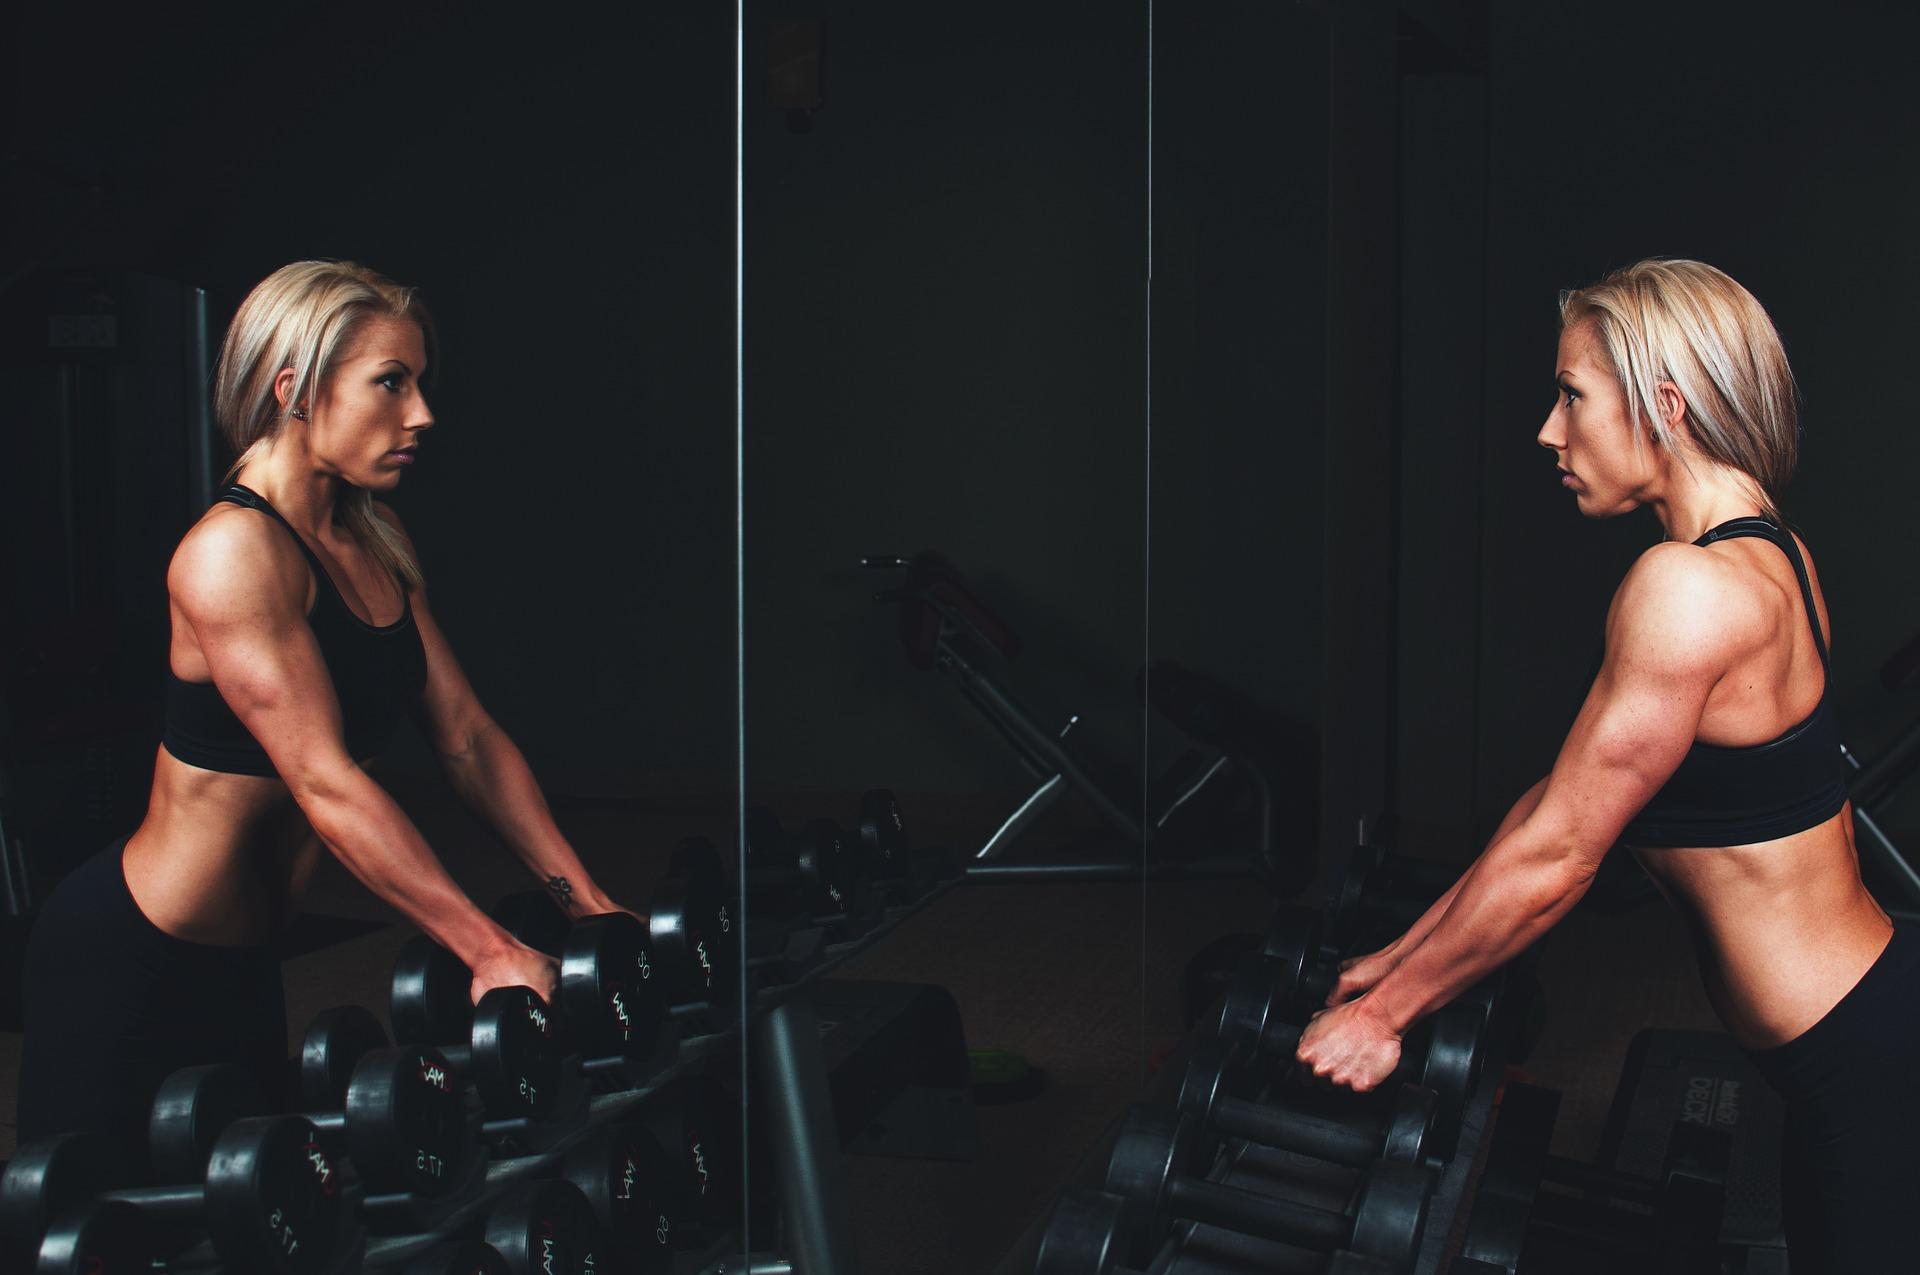 Si lo has dejado y no sabes cómo seguir, mira las mejores frases para motivarnos a volver a hacer deporte.